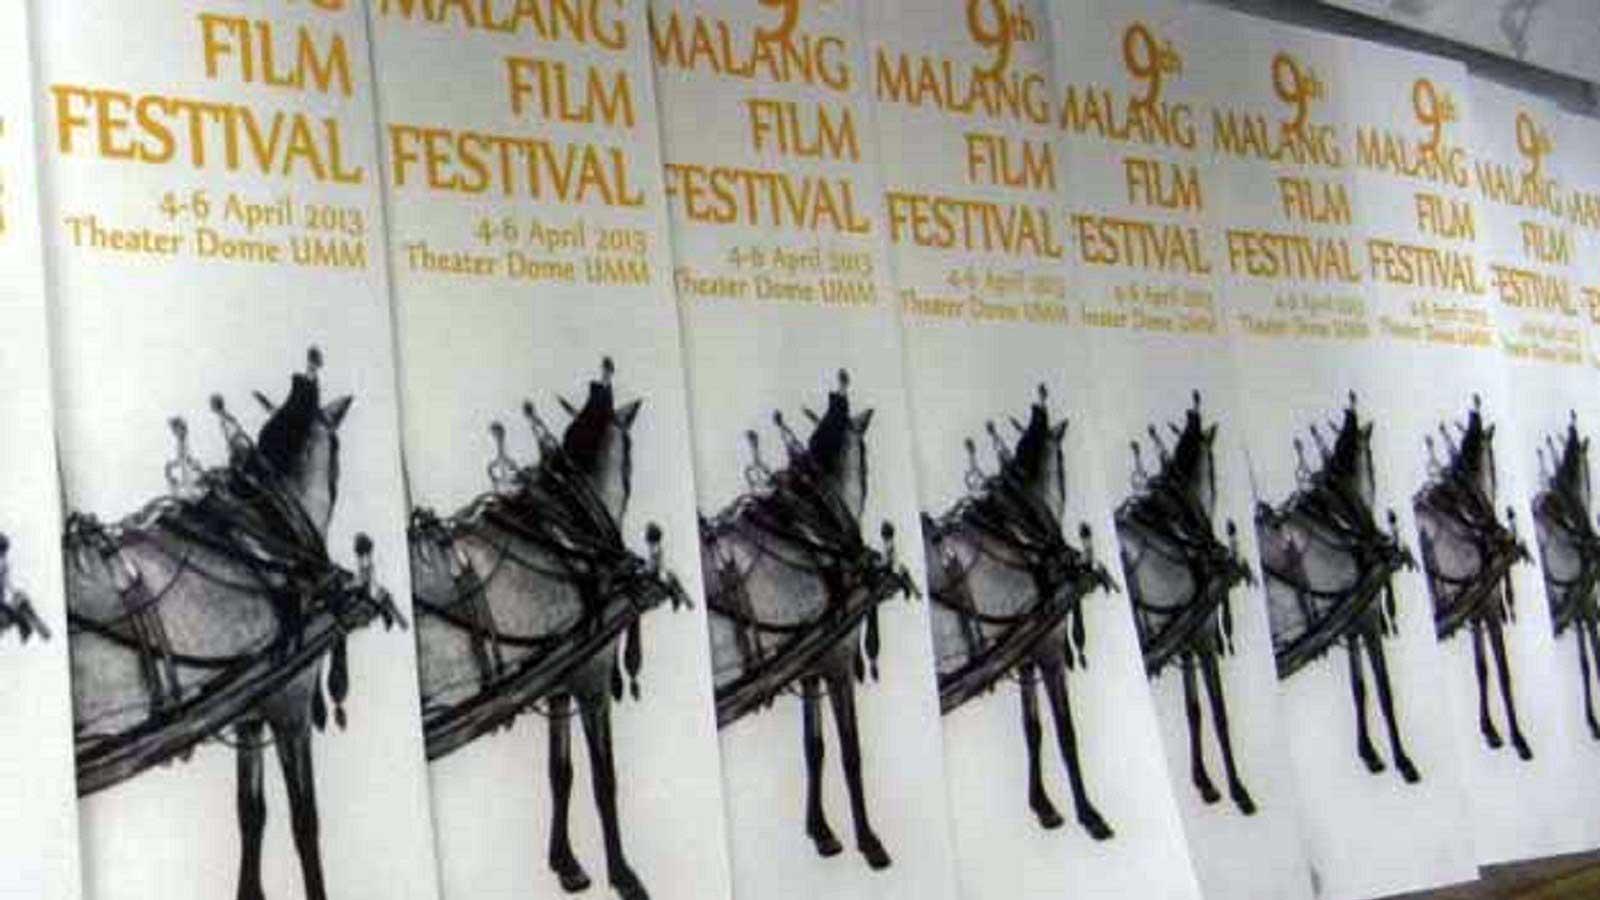 Malang Film Festival, salah satu agenda penting dalam perfilman Malang.